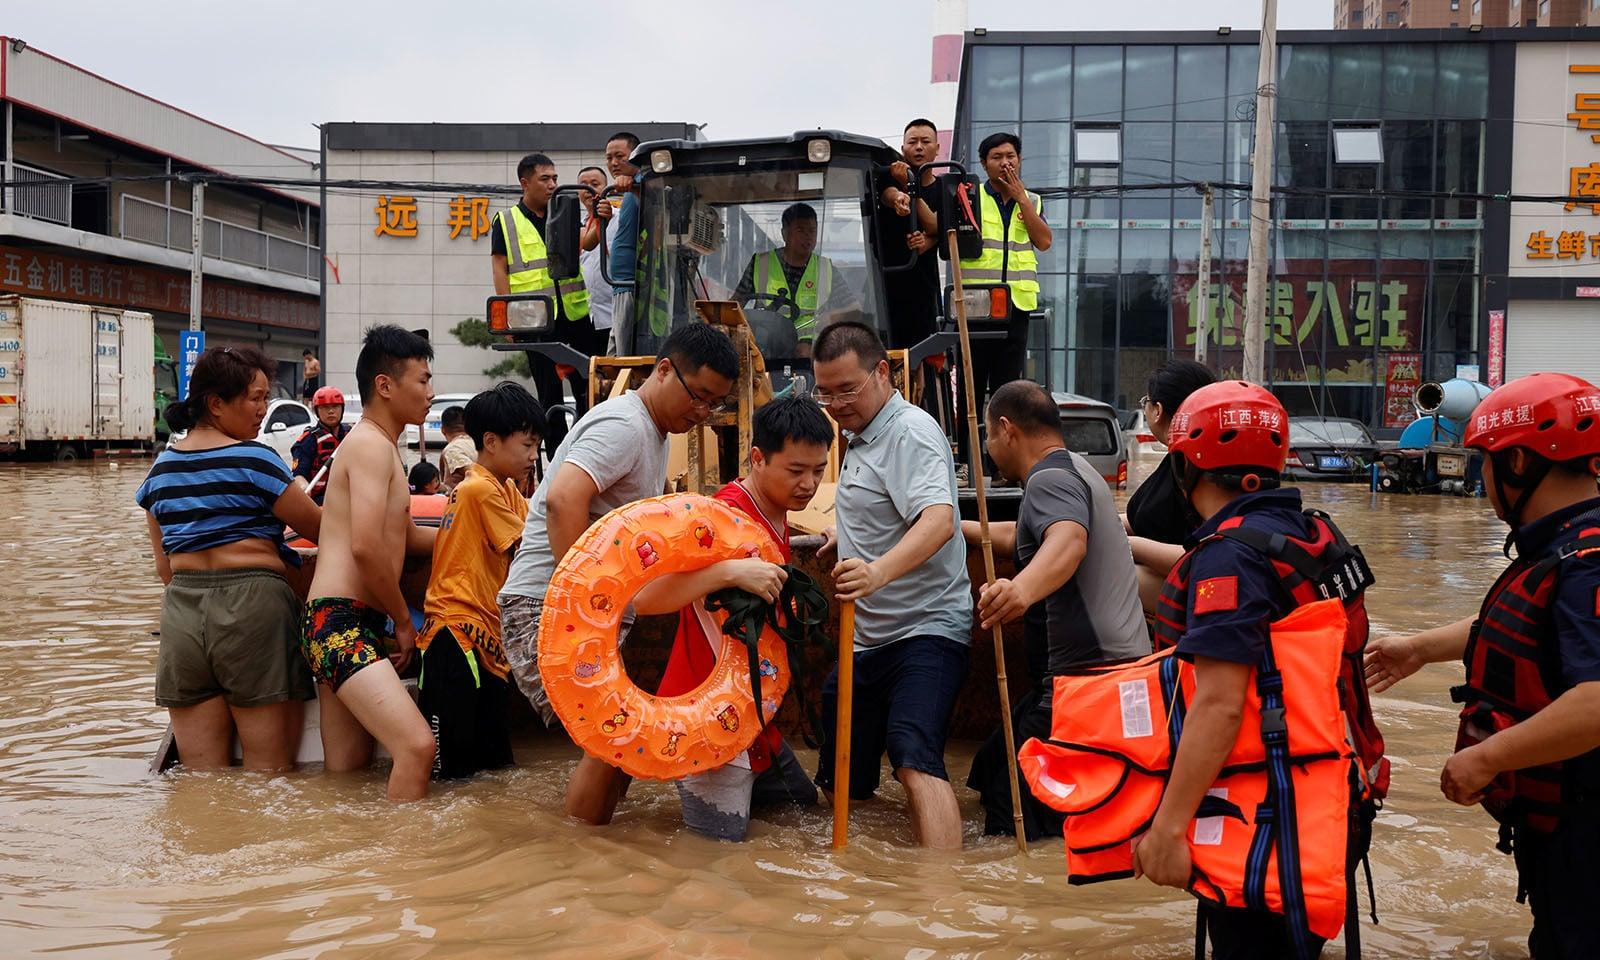 ریسکیو ٹیمز نے رہائشیوں کو محفوظ مقامات پر منتقل کرنے کے لیے ربر کی کشتیوں کا استعمال کیا —تصویر: رائٹرز